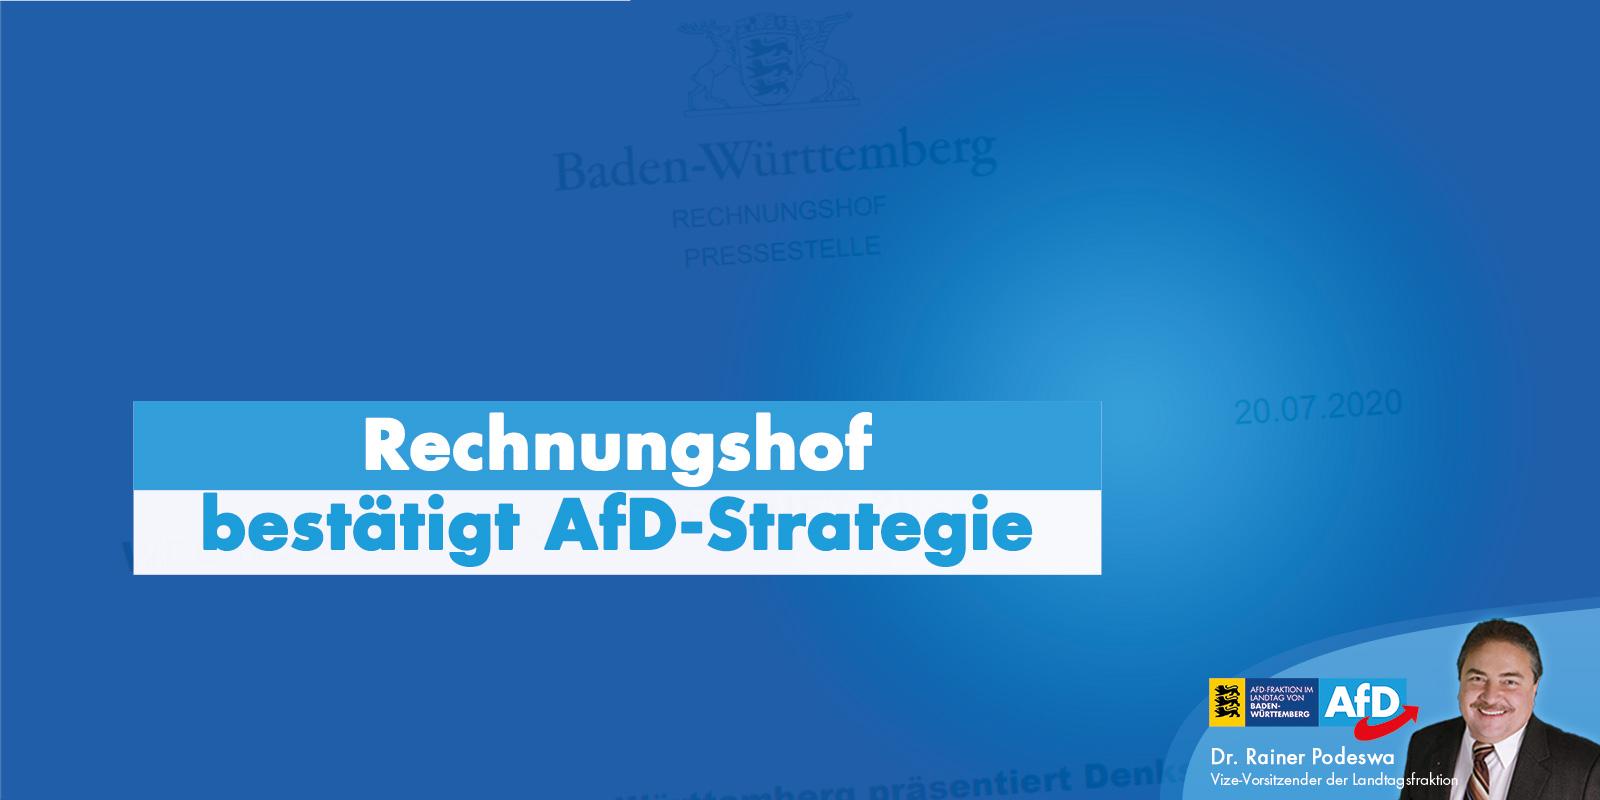 Dr. Rainer Podeswa: Rechnungshof bestätigt AfD-Strategie